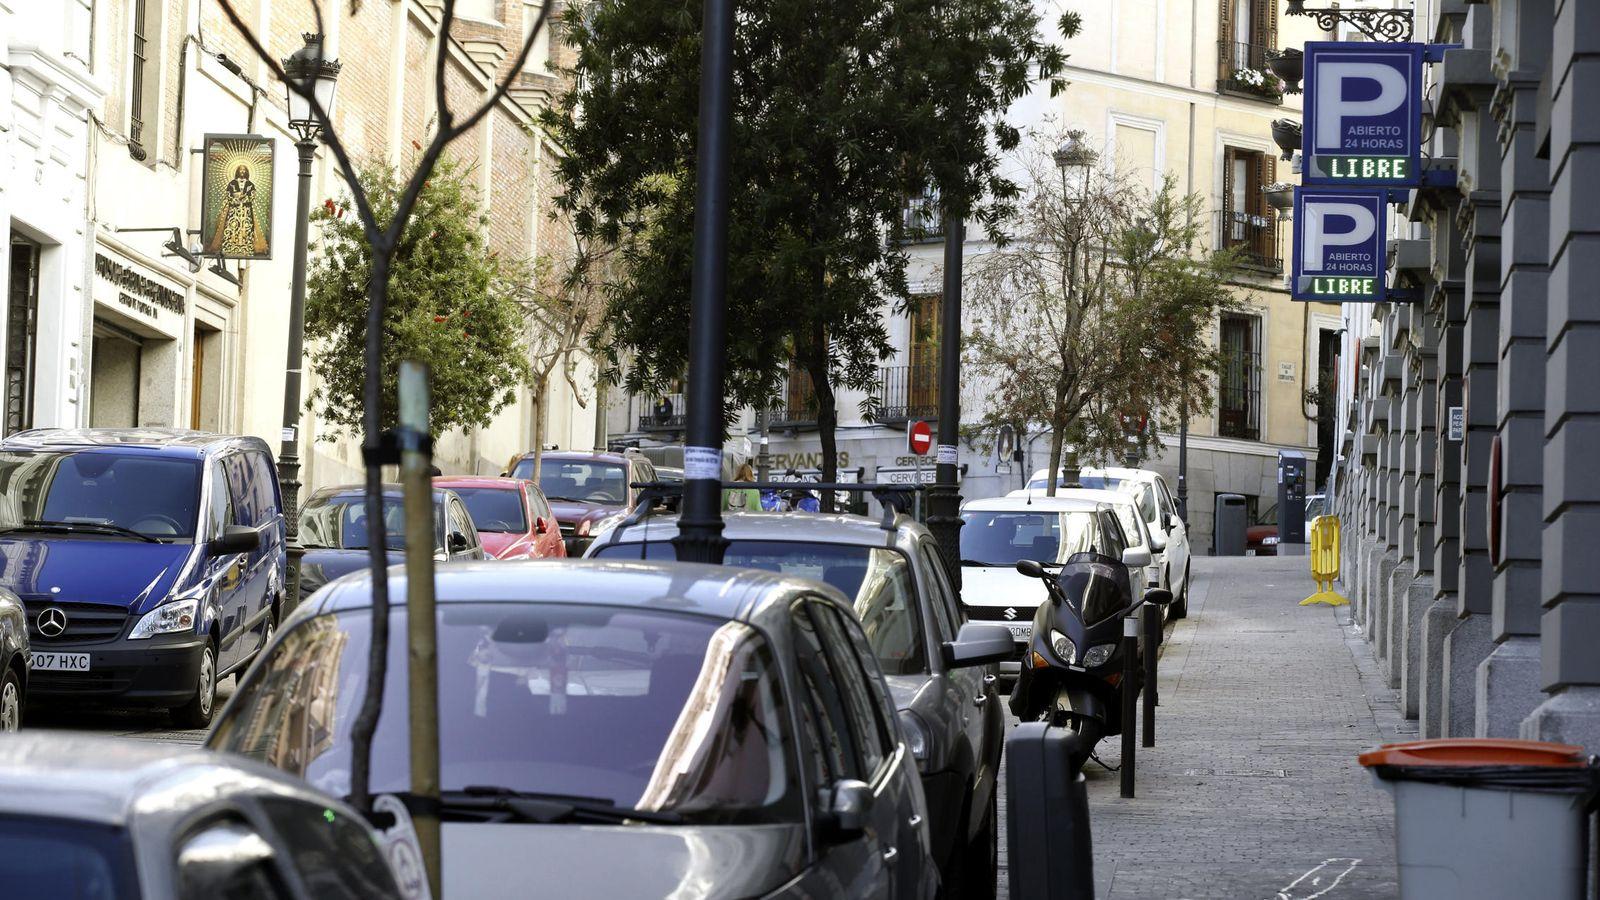 Foto: Los parquímetros no expenderá tickets e informarán en sus pantallas de la prohibición de aparcar. (EFE)